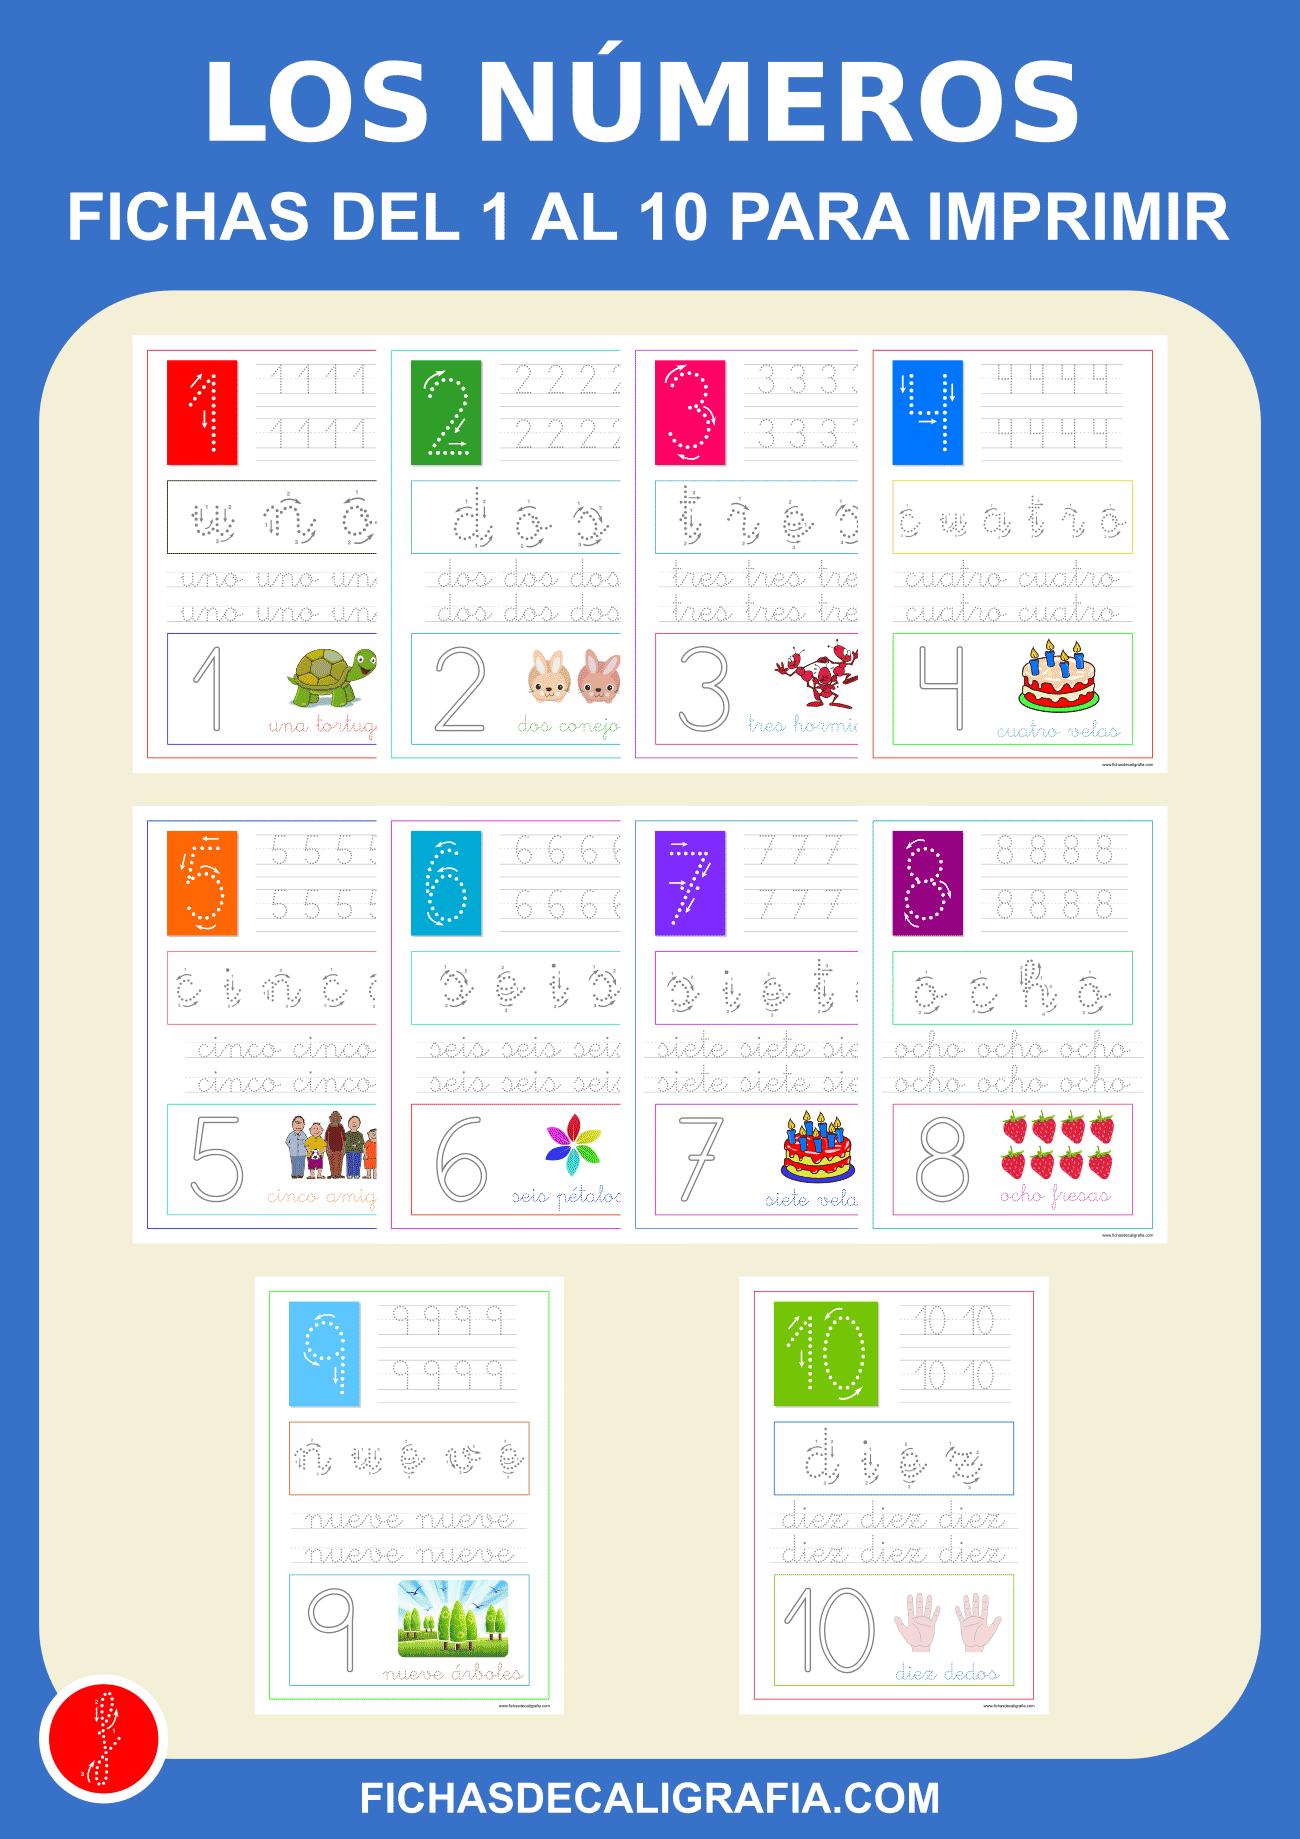 Fichas de números del 1 al 10 para imprimir